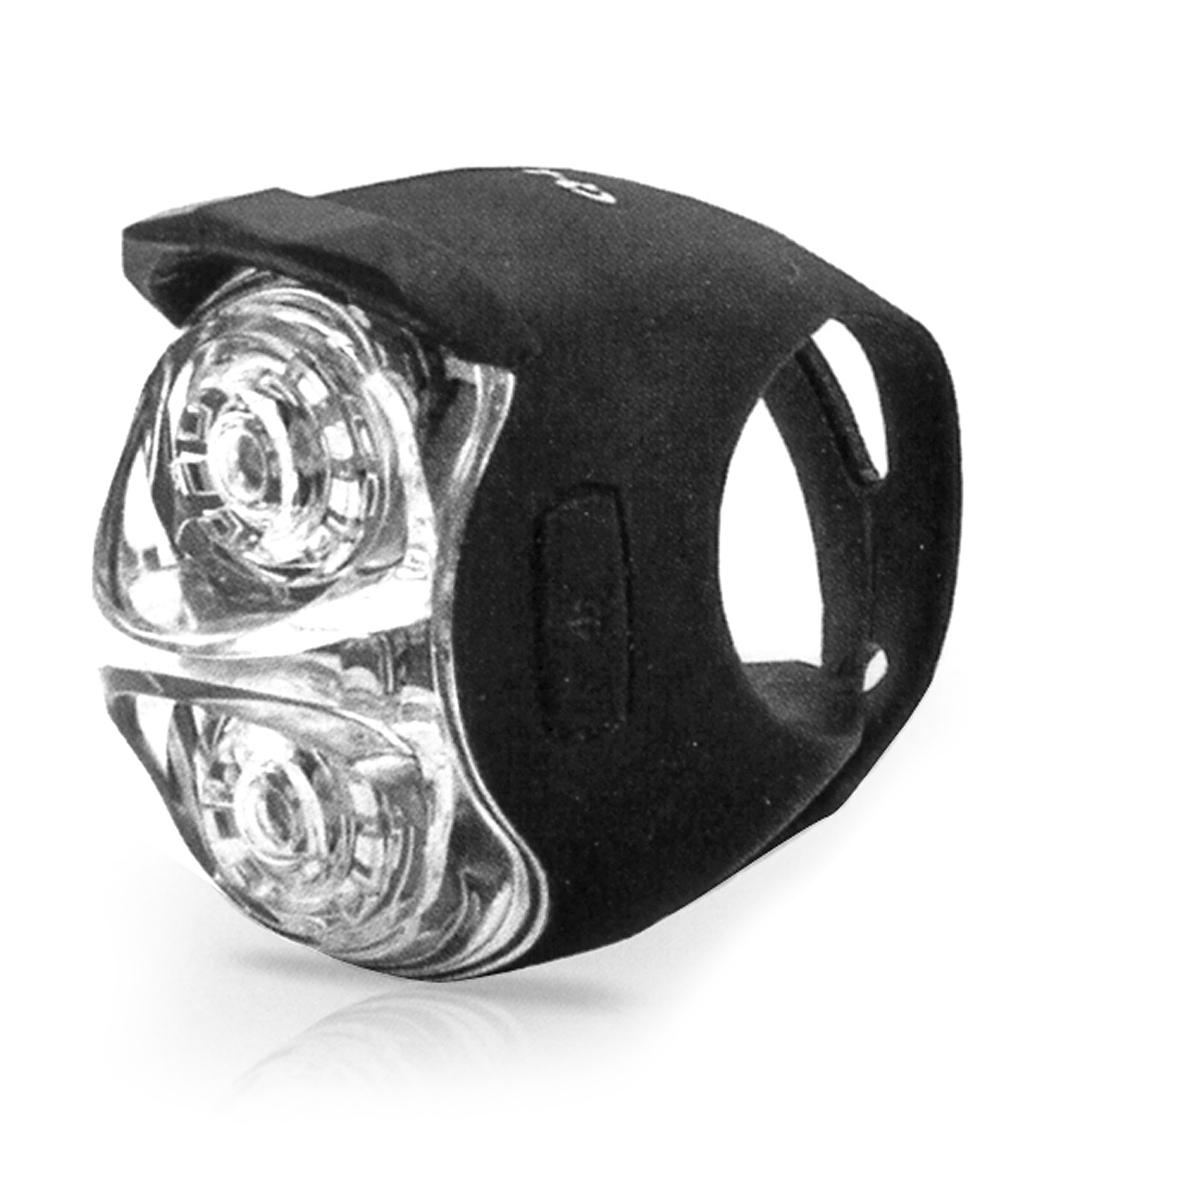 Éclairage avant Spanninga Jet Front 2 LEDs (Rechargeable USB)